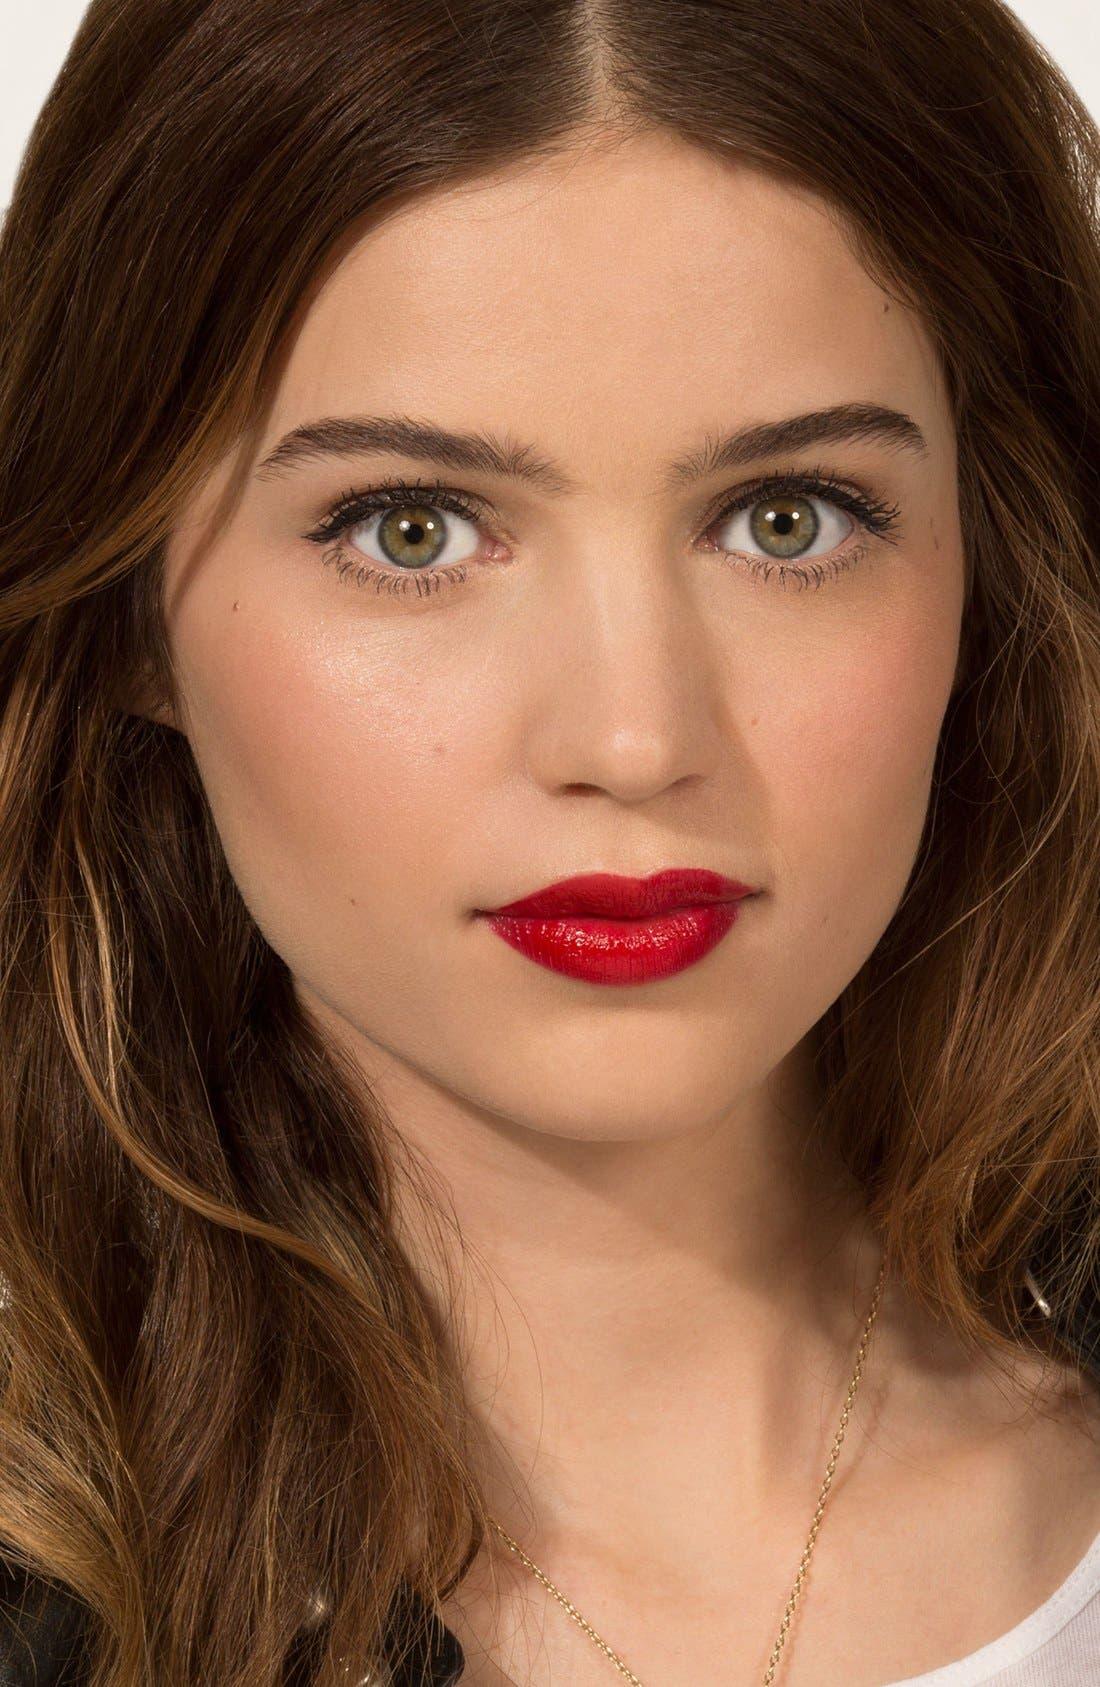 Bobbi Brown Find the Perfect Lip